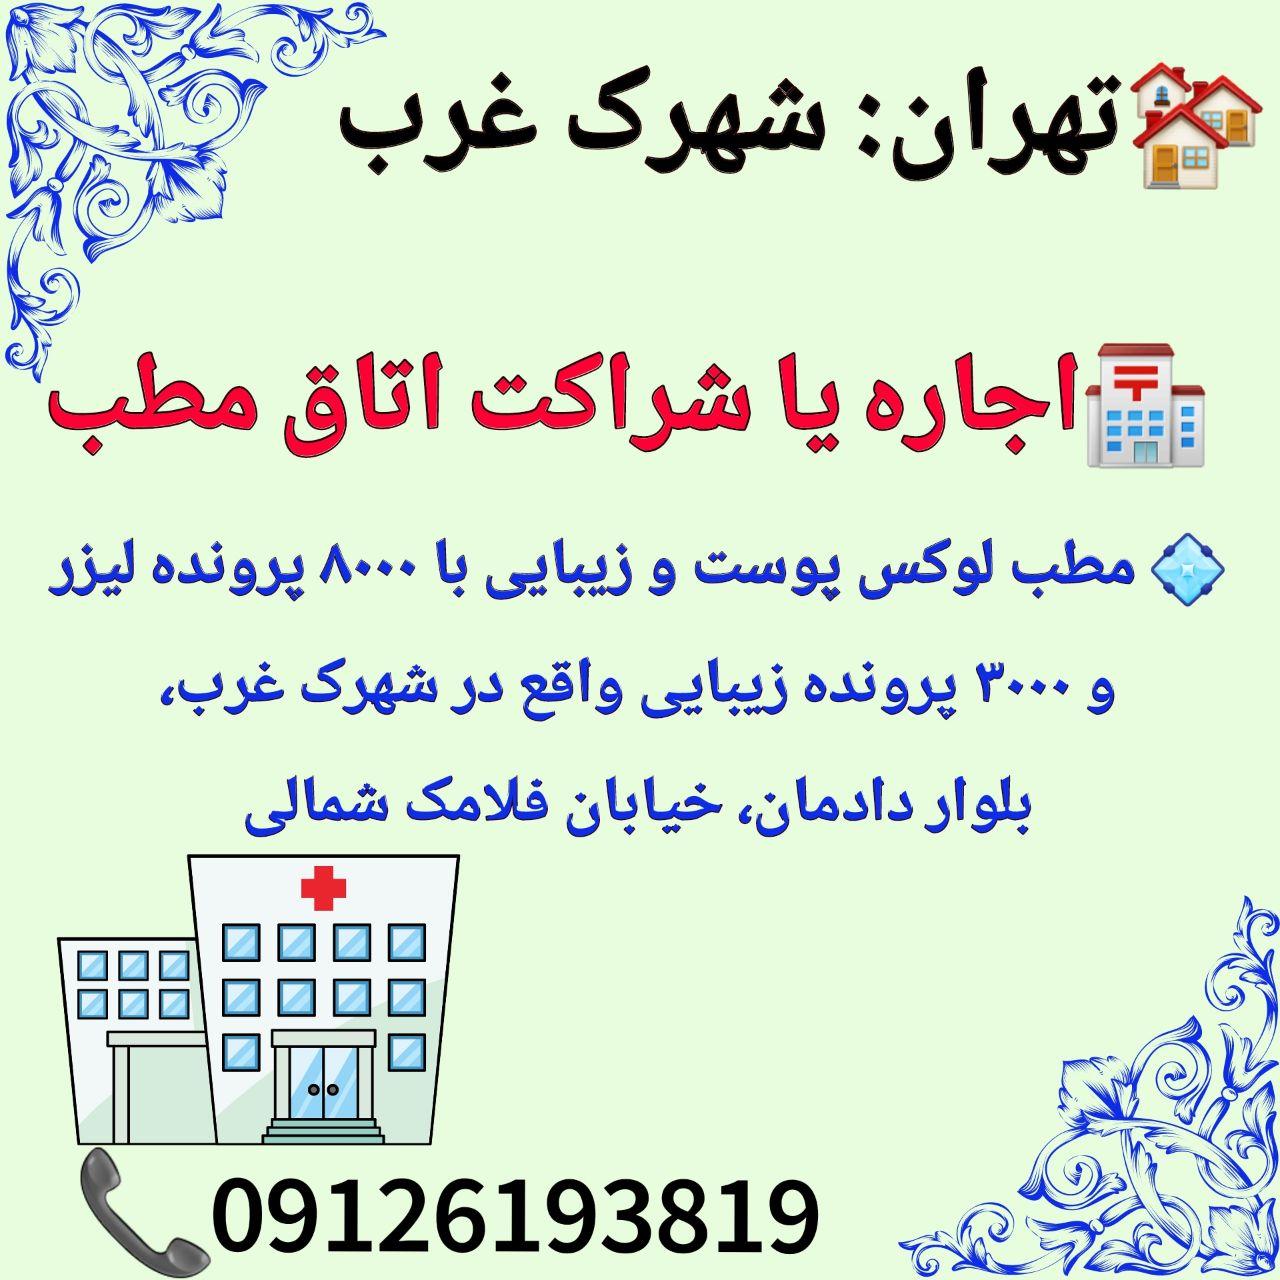 تهران: شهرک غرب، اجاره یا شراکت اتاق مطب